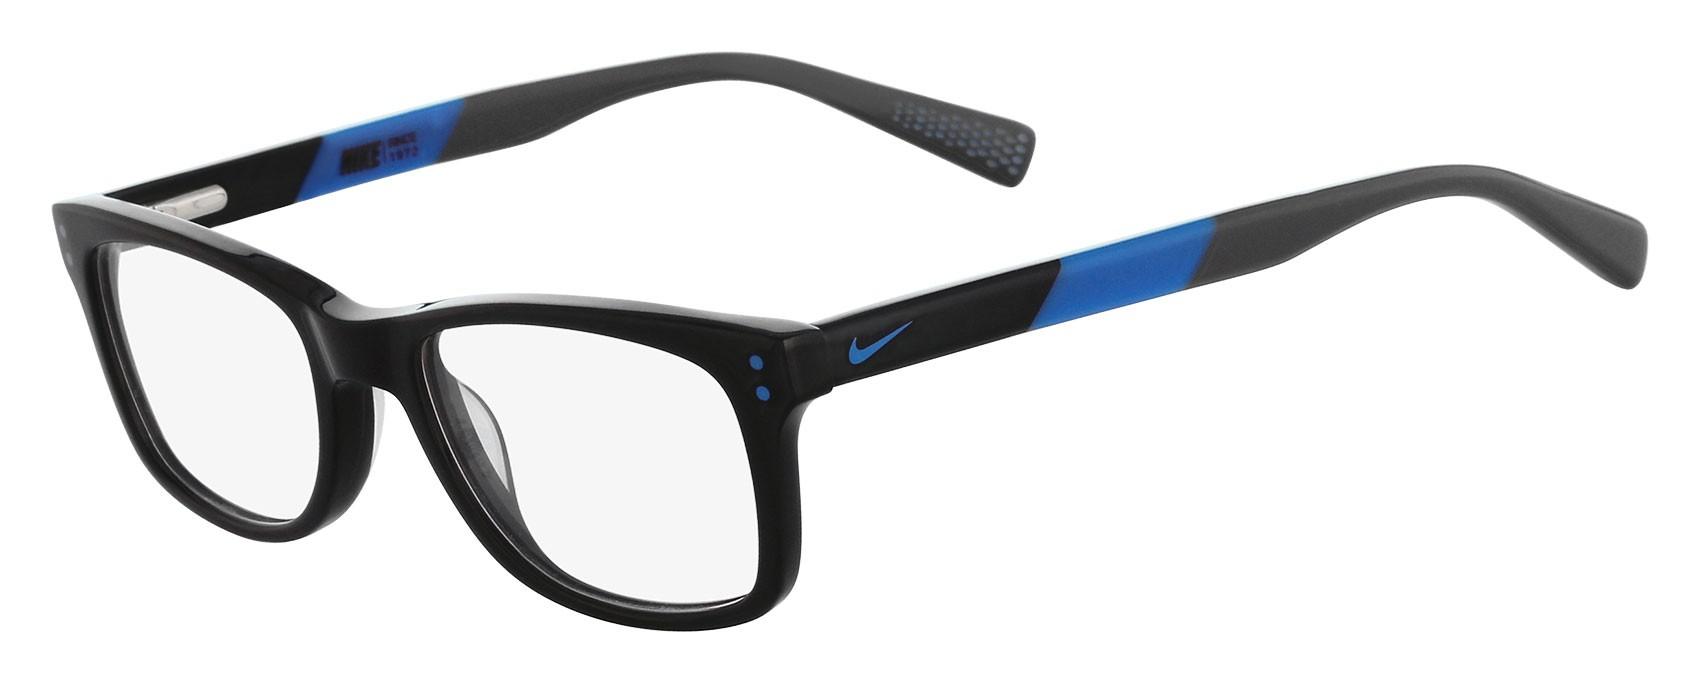 13e1957c1823a Nike 5538 013 - Óculos de Grau